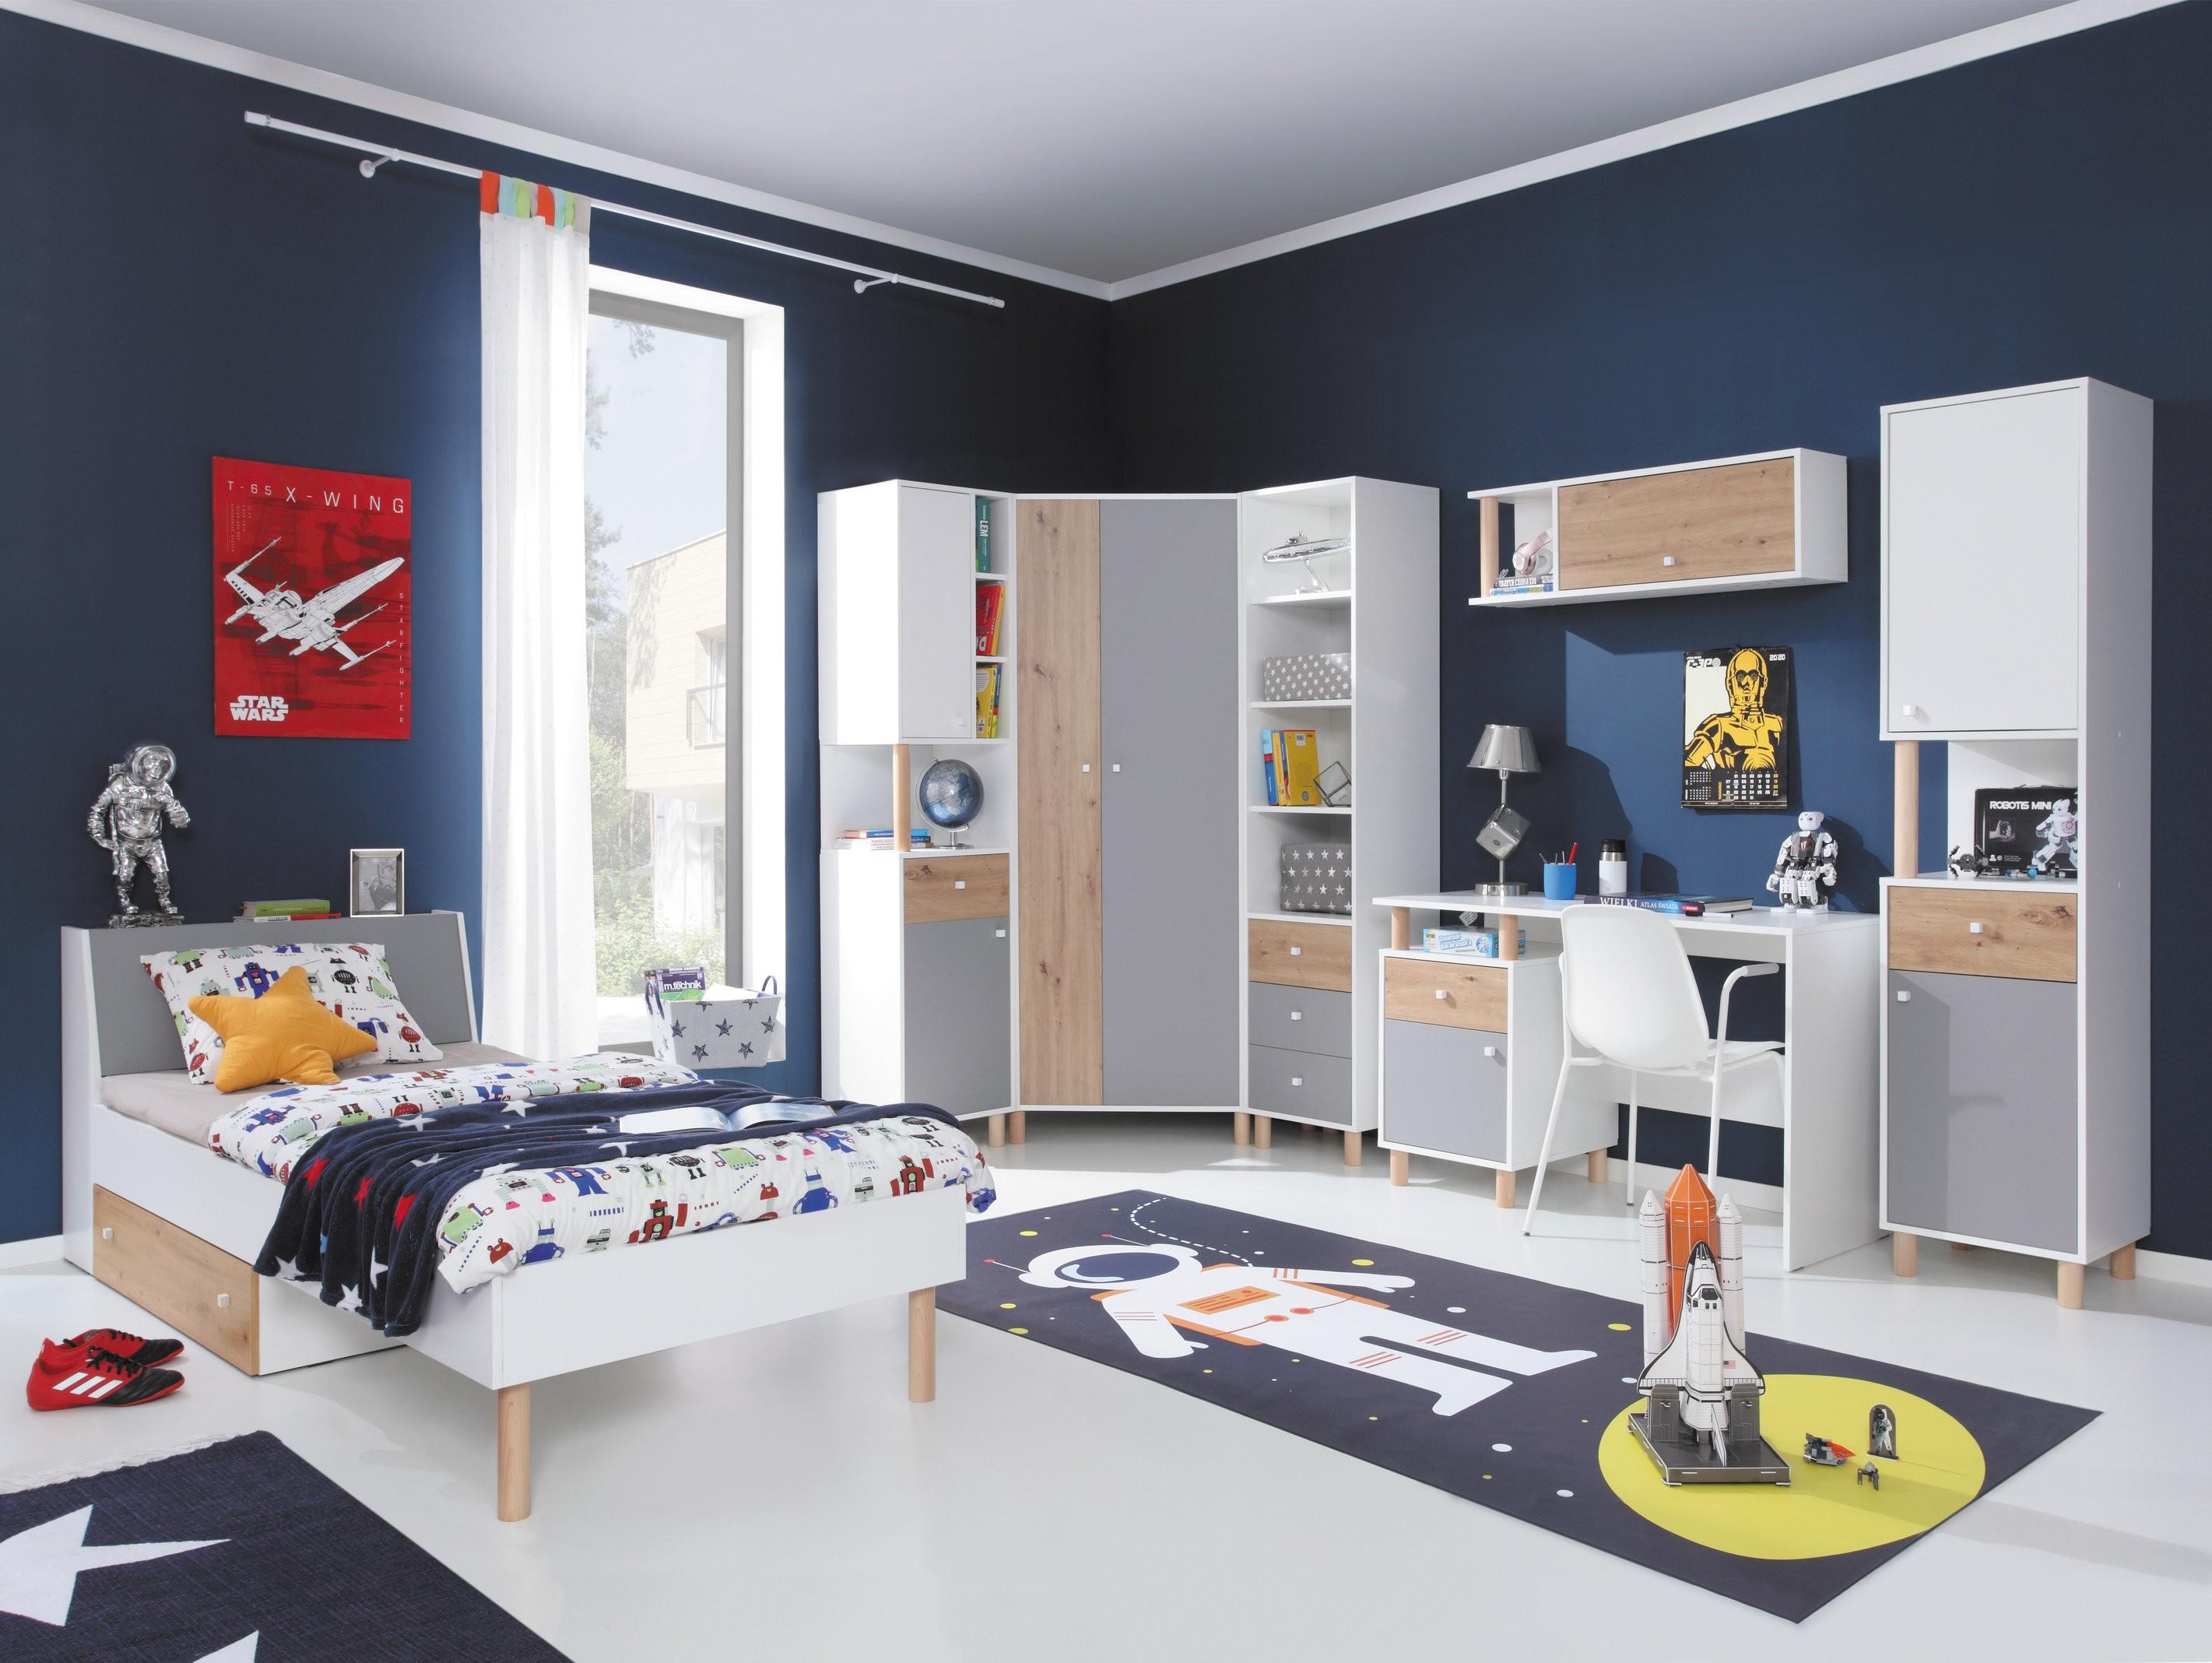 MEFA vaikų kambario baldai